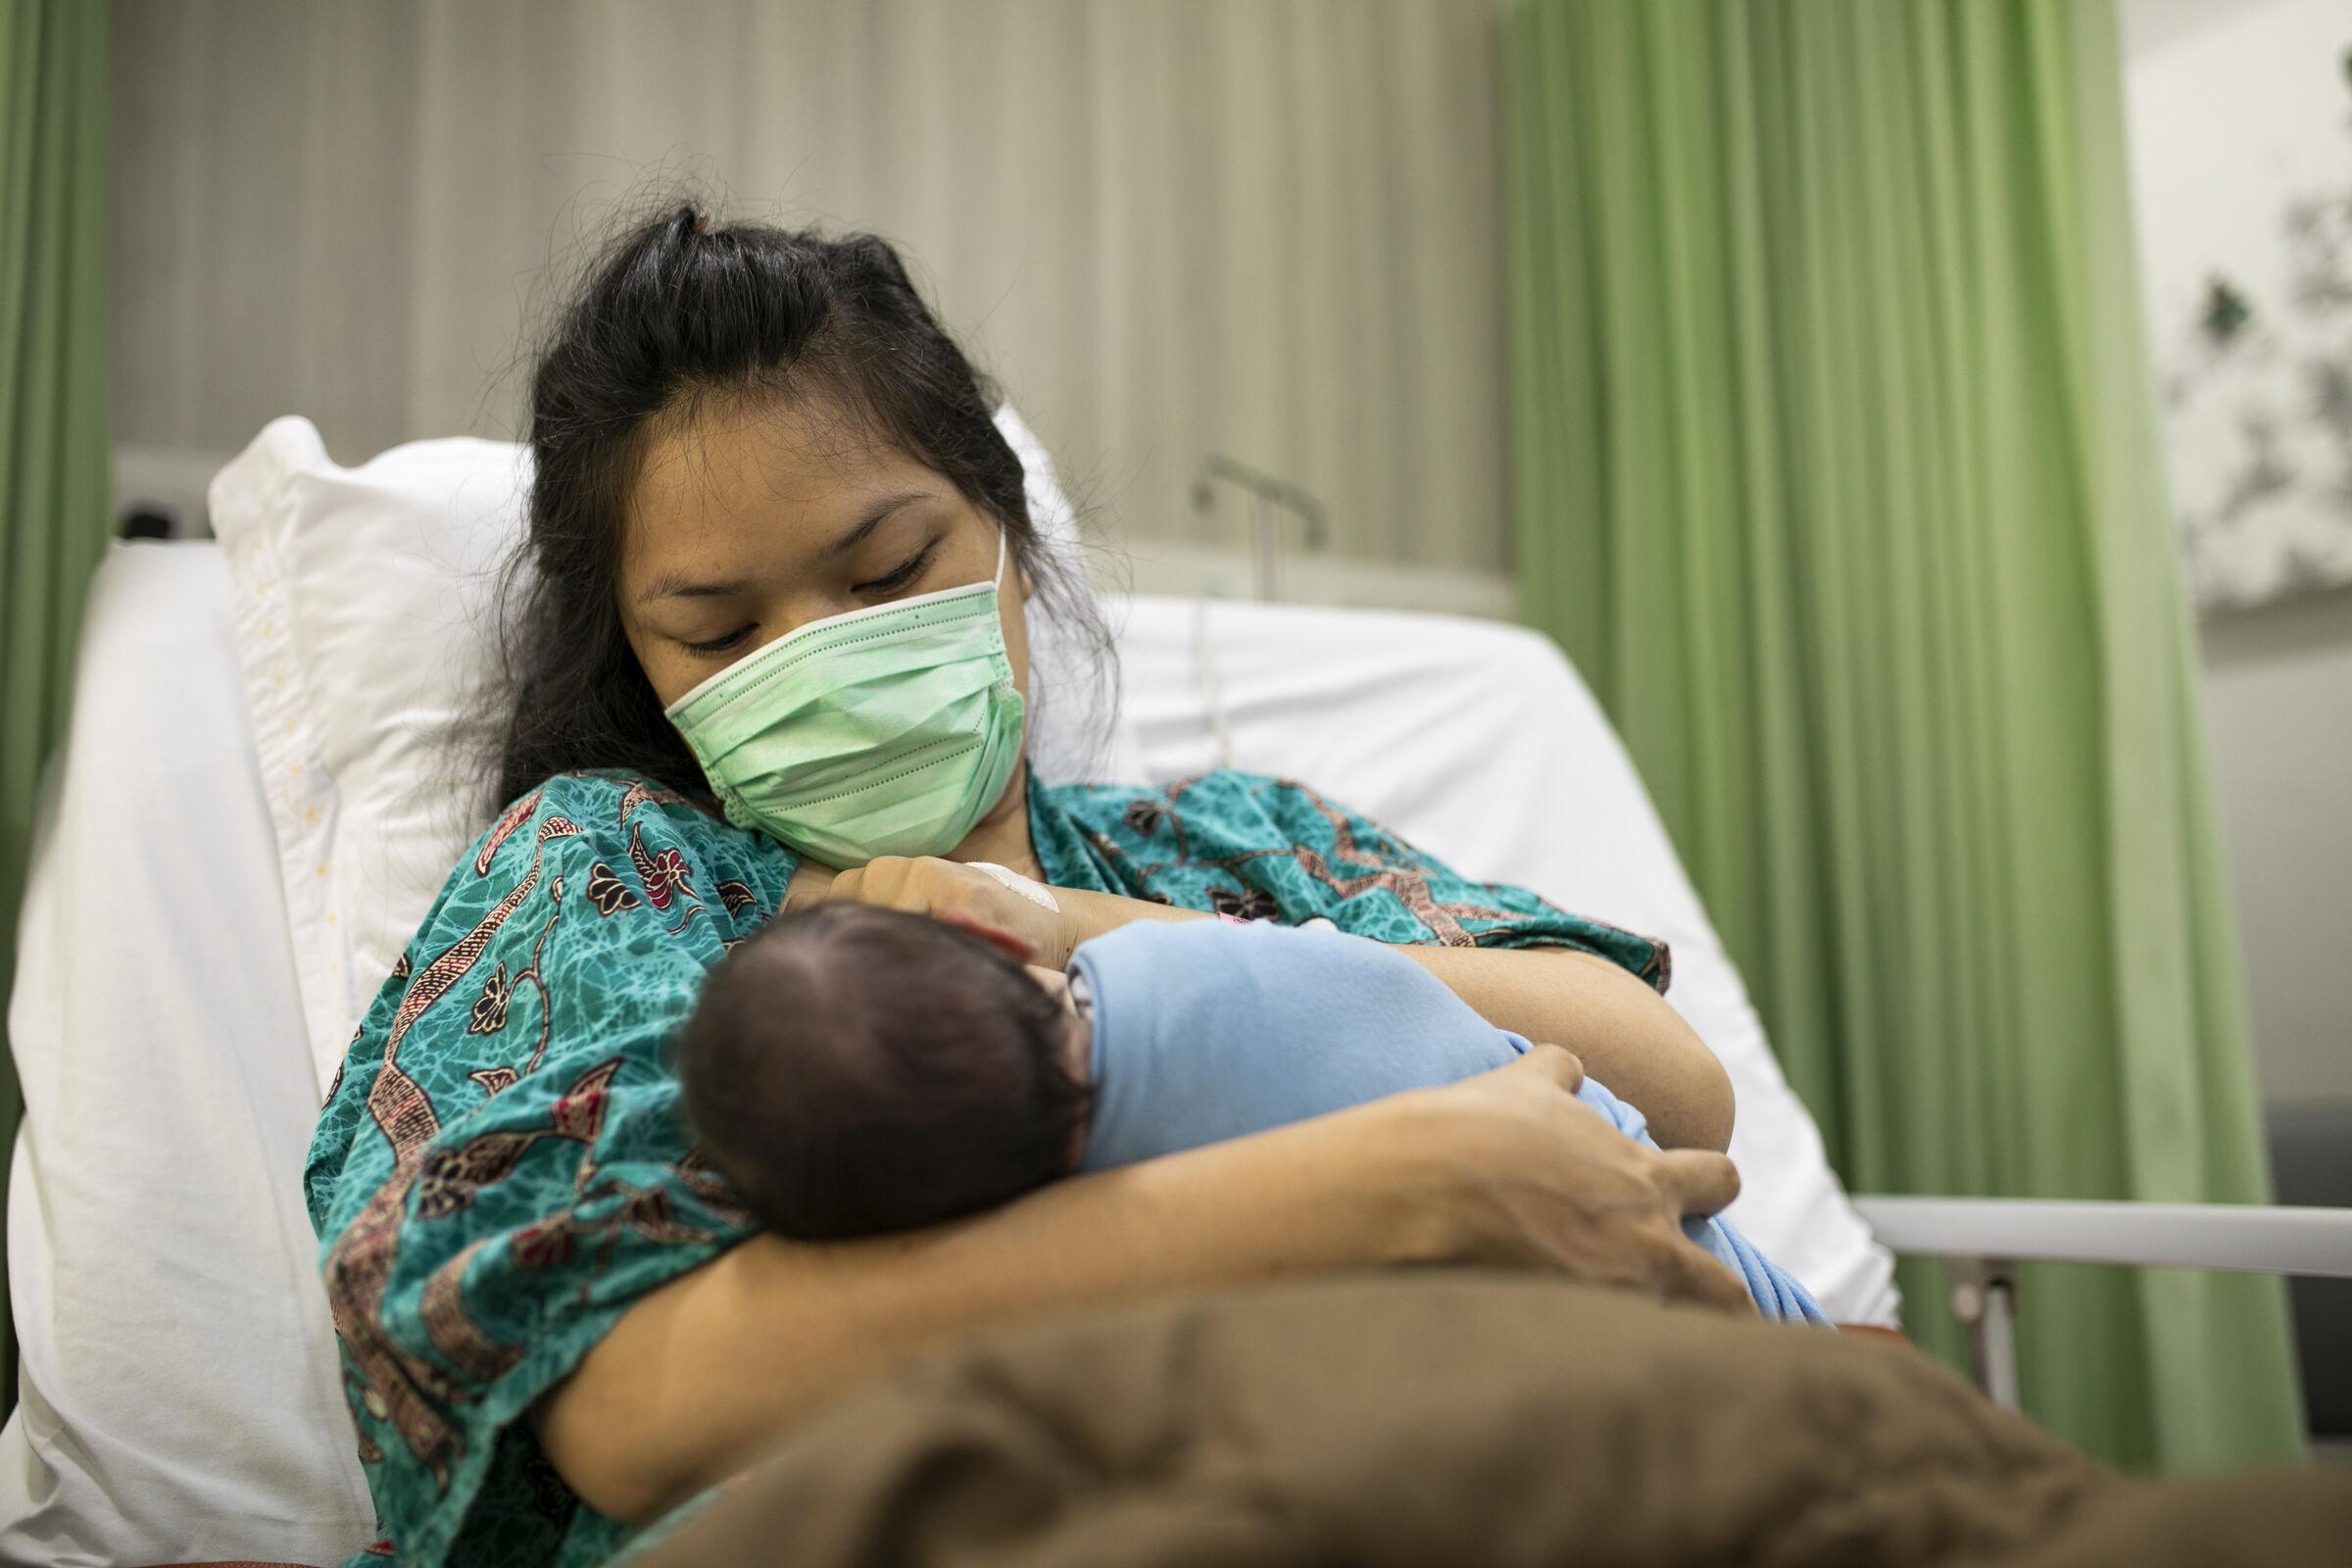 Mãe-segurando-recém-nascido-no-colo-no-hospital-durante-a-pandemia-do-covid19